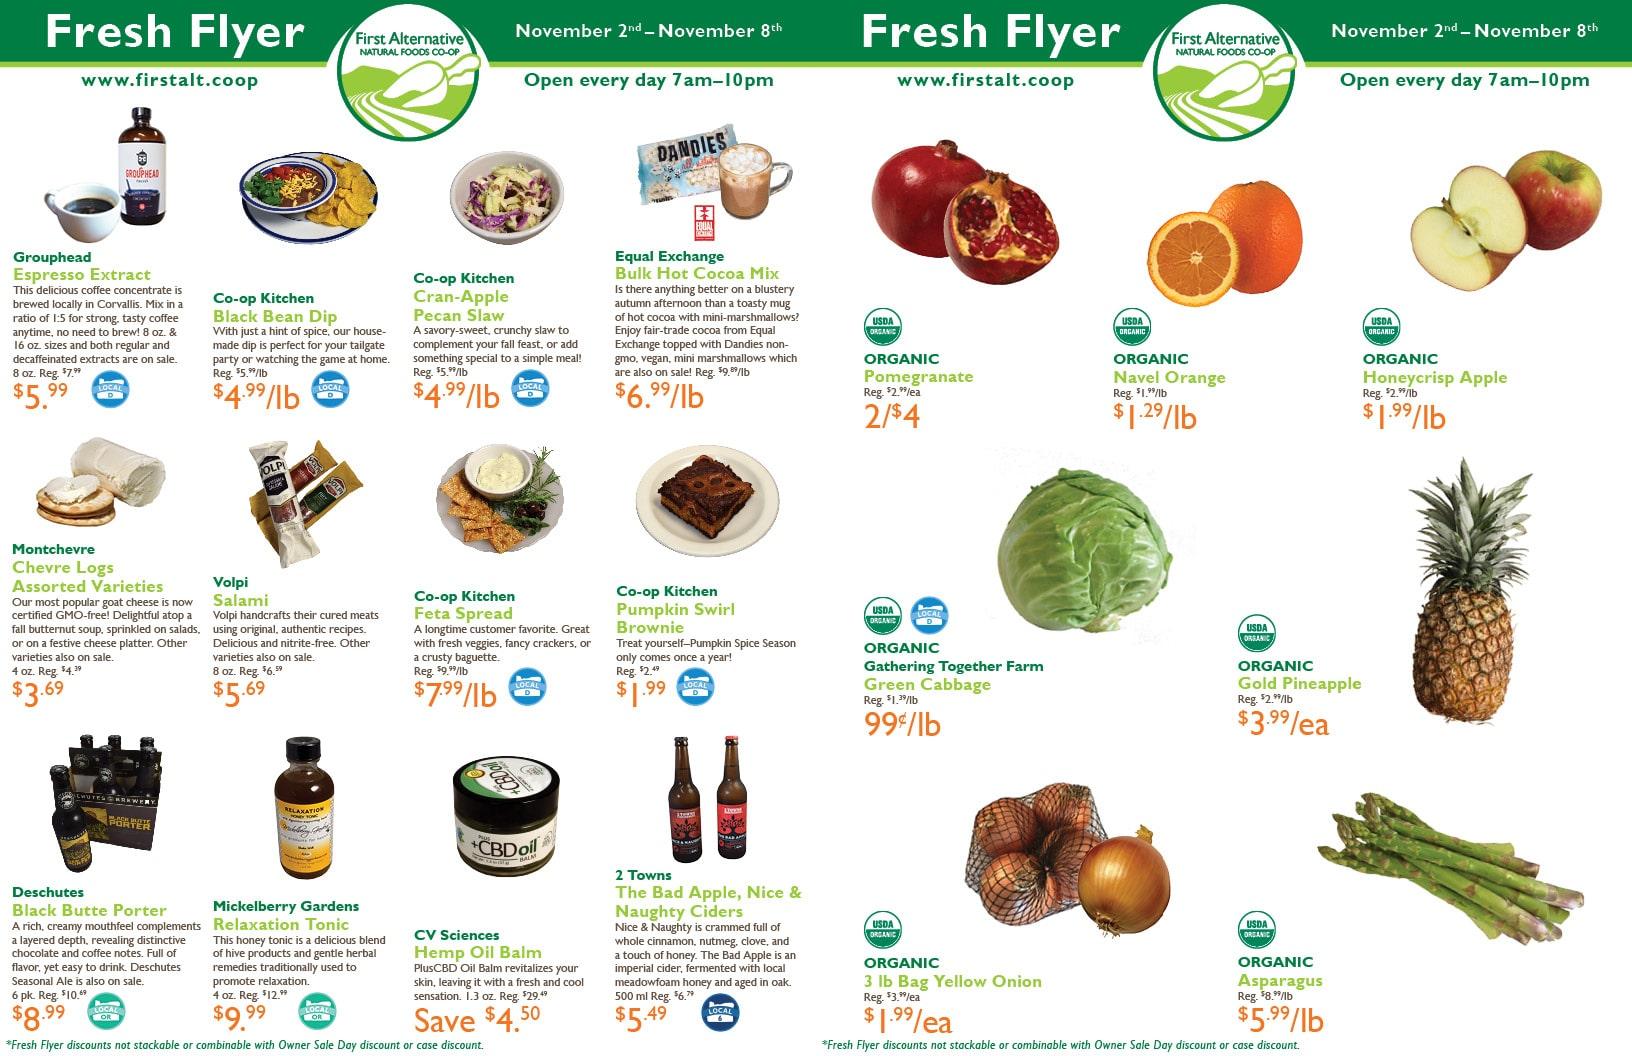 first alternative fresh flyer nov 2-8